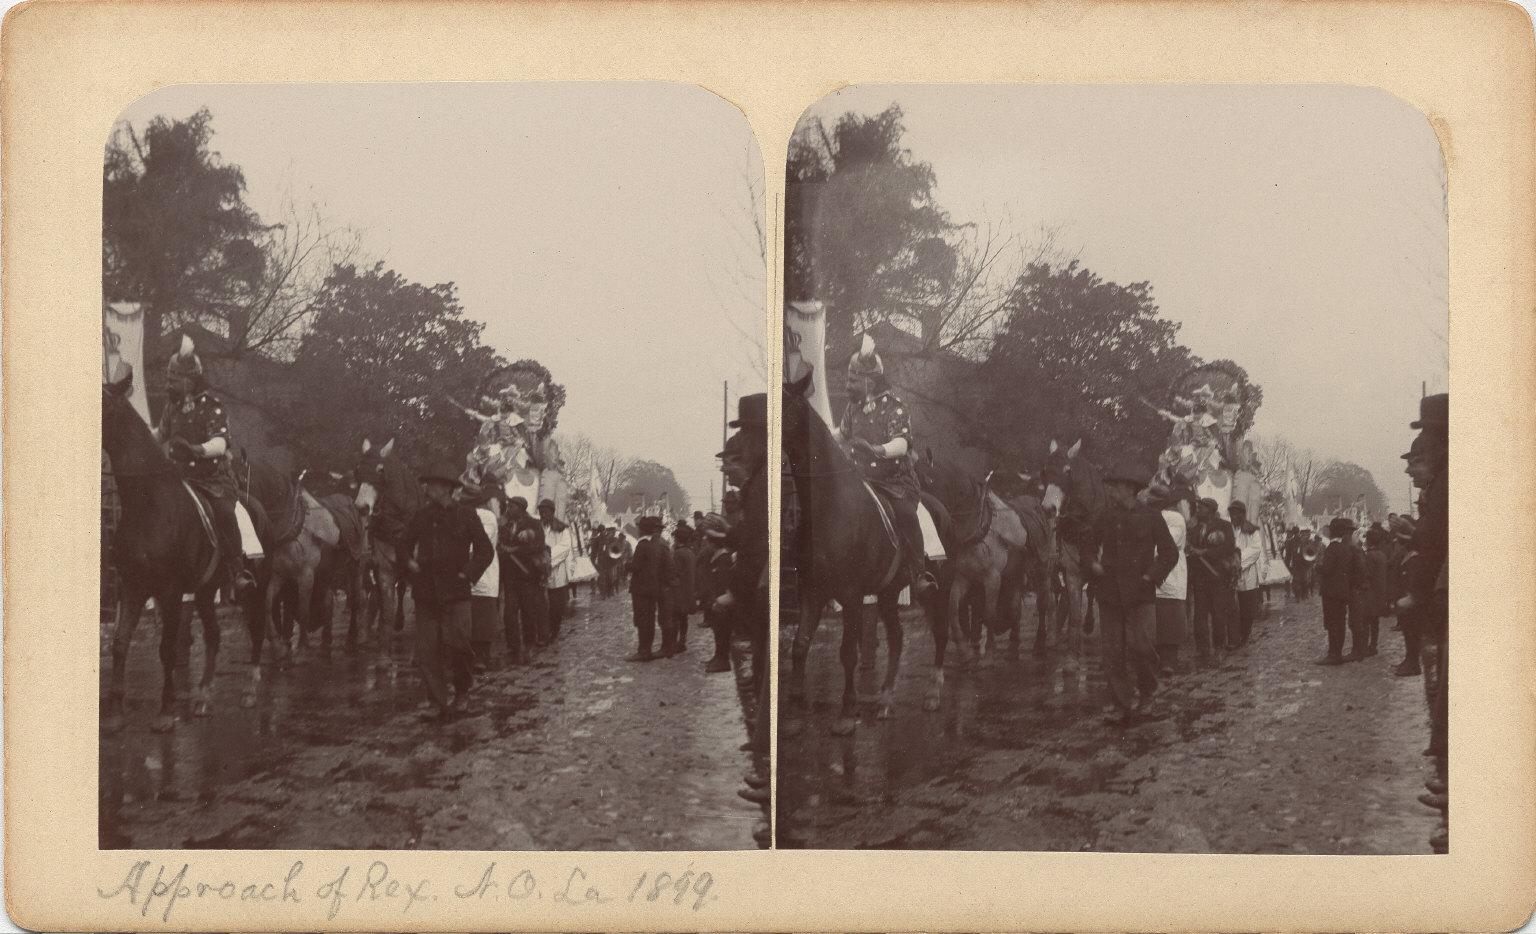 Mardi Gras parade 1899